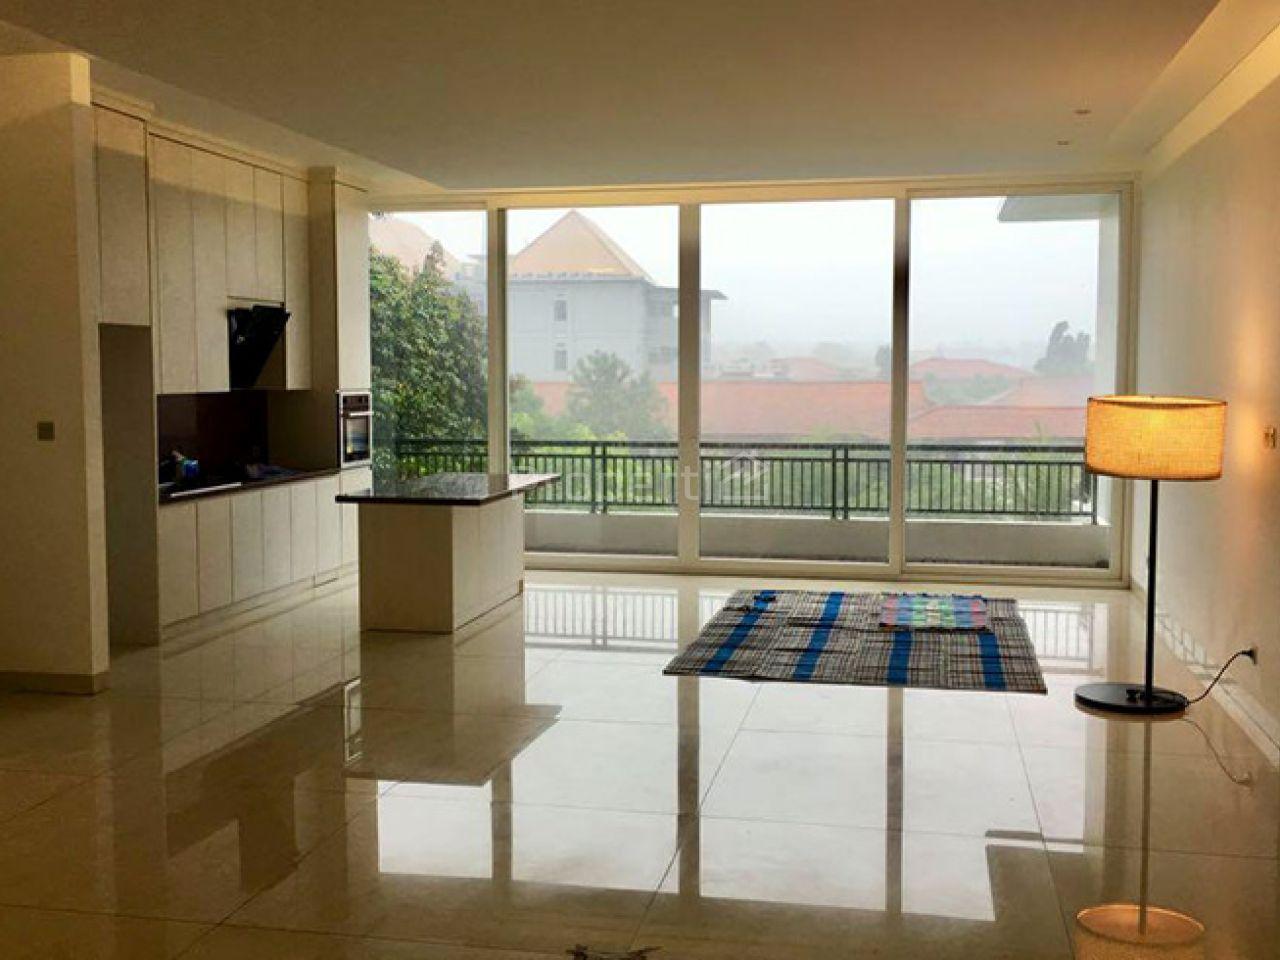 Rumah Baru 3 Lantai dengan Kolam Renang di Lebak Bulus, DKI Jakarta